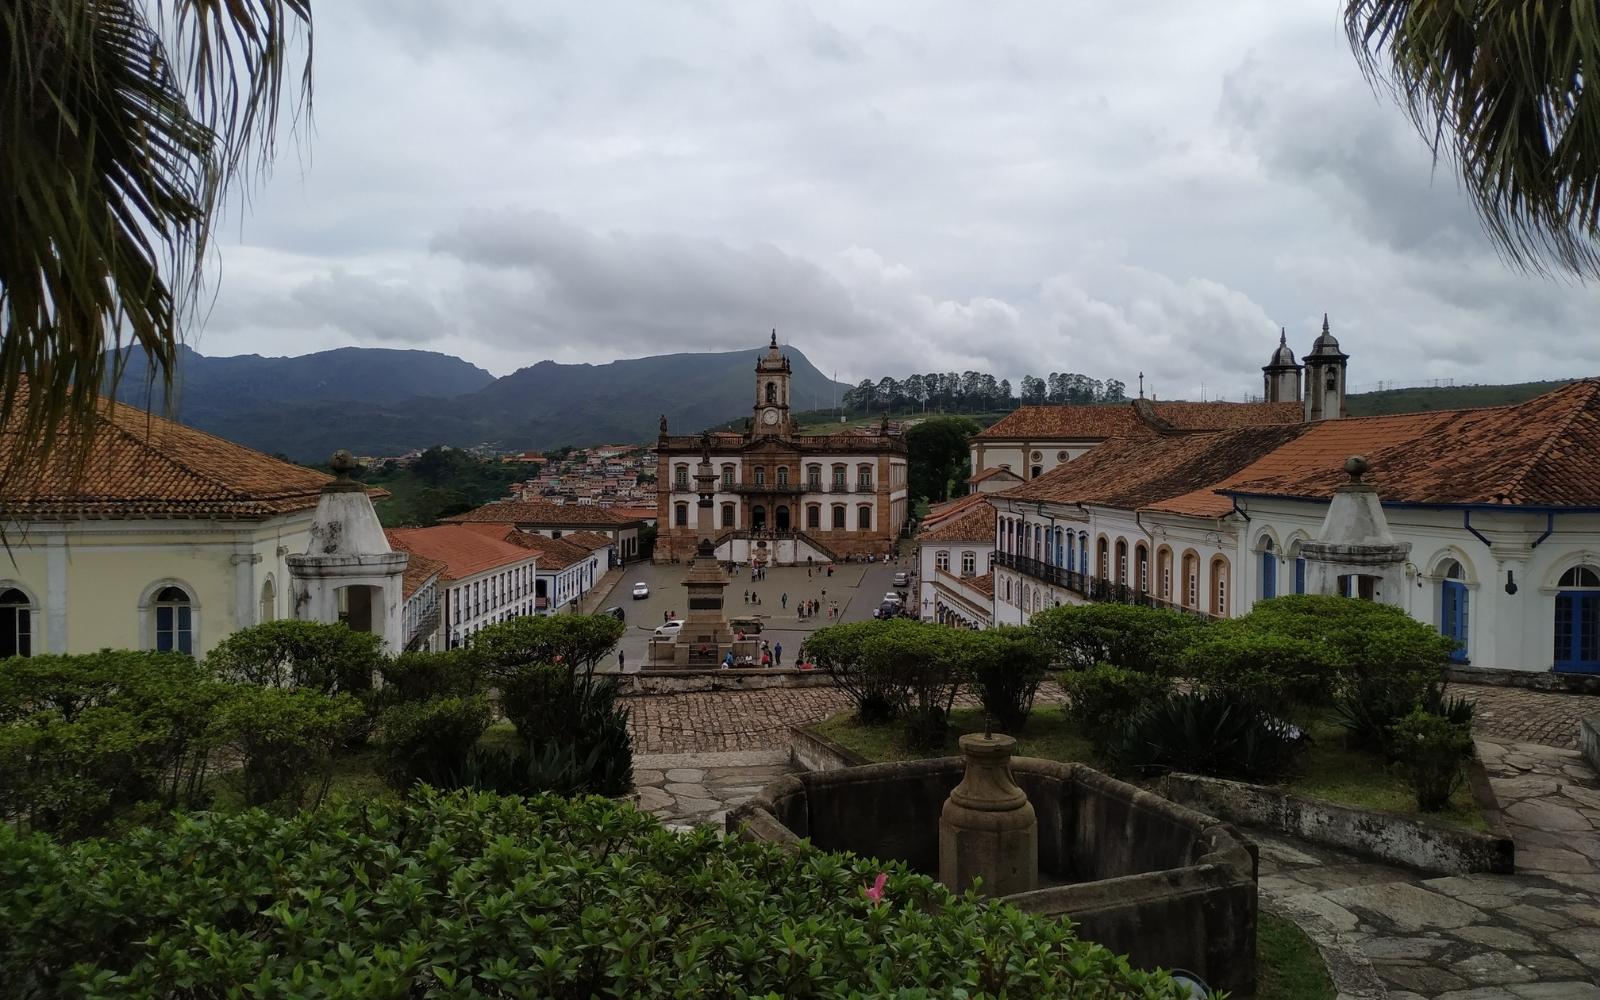 Pousadas em Ouro Preto: conheça algumas opções